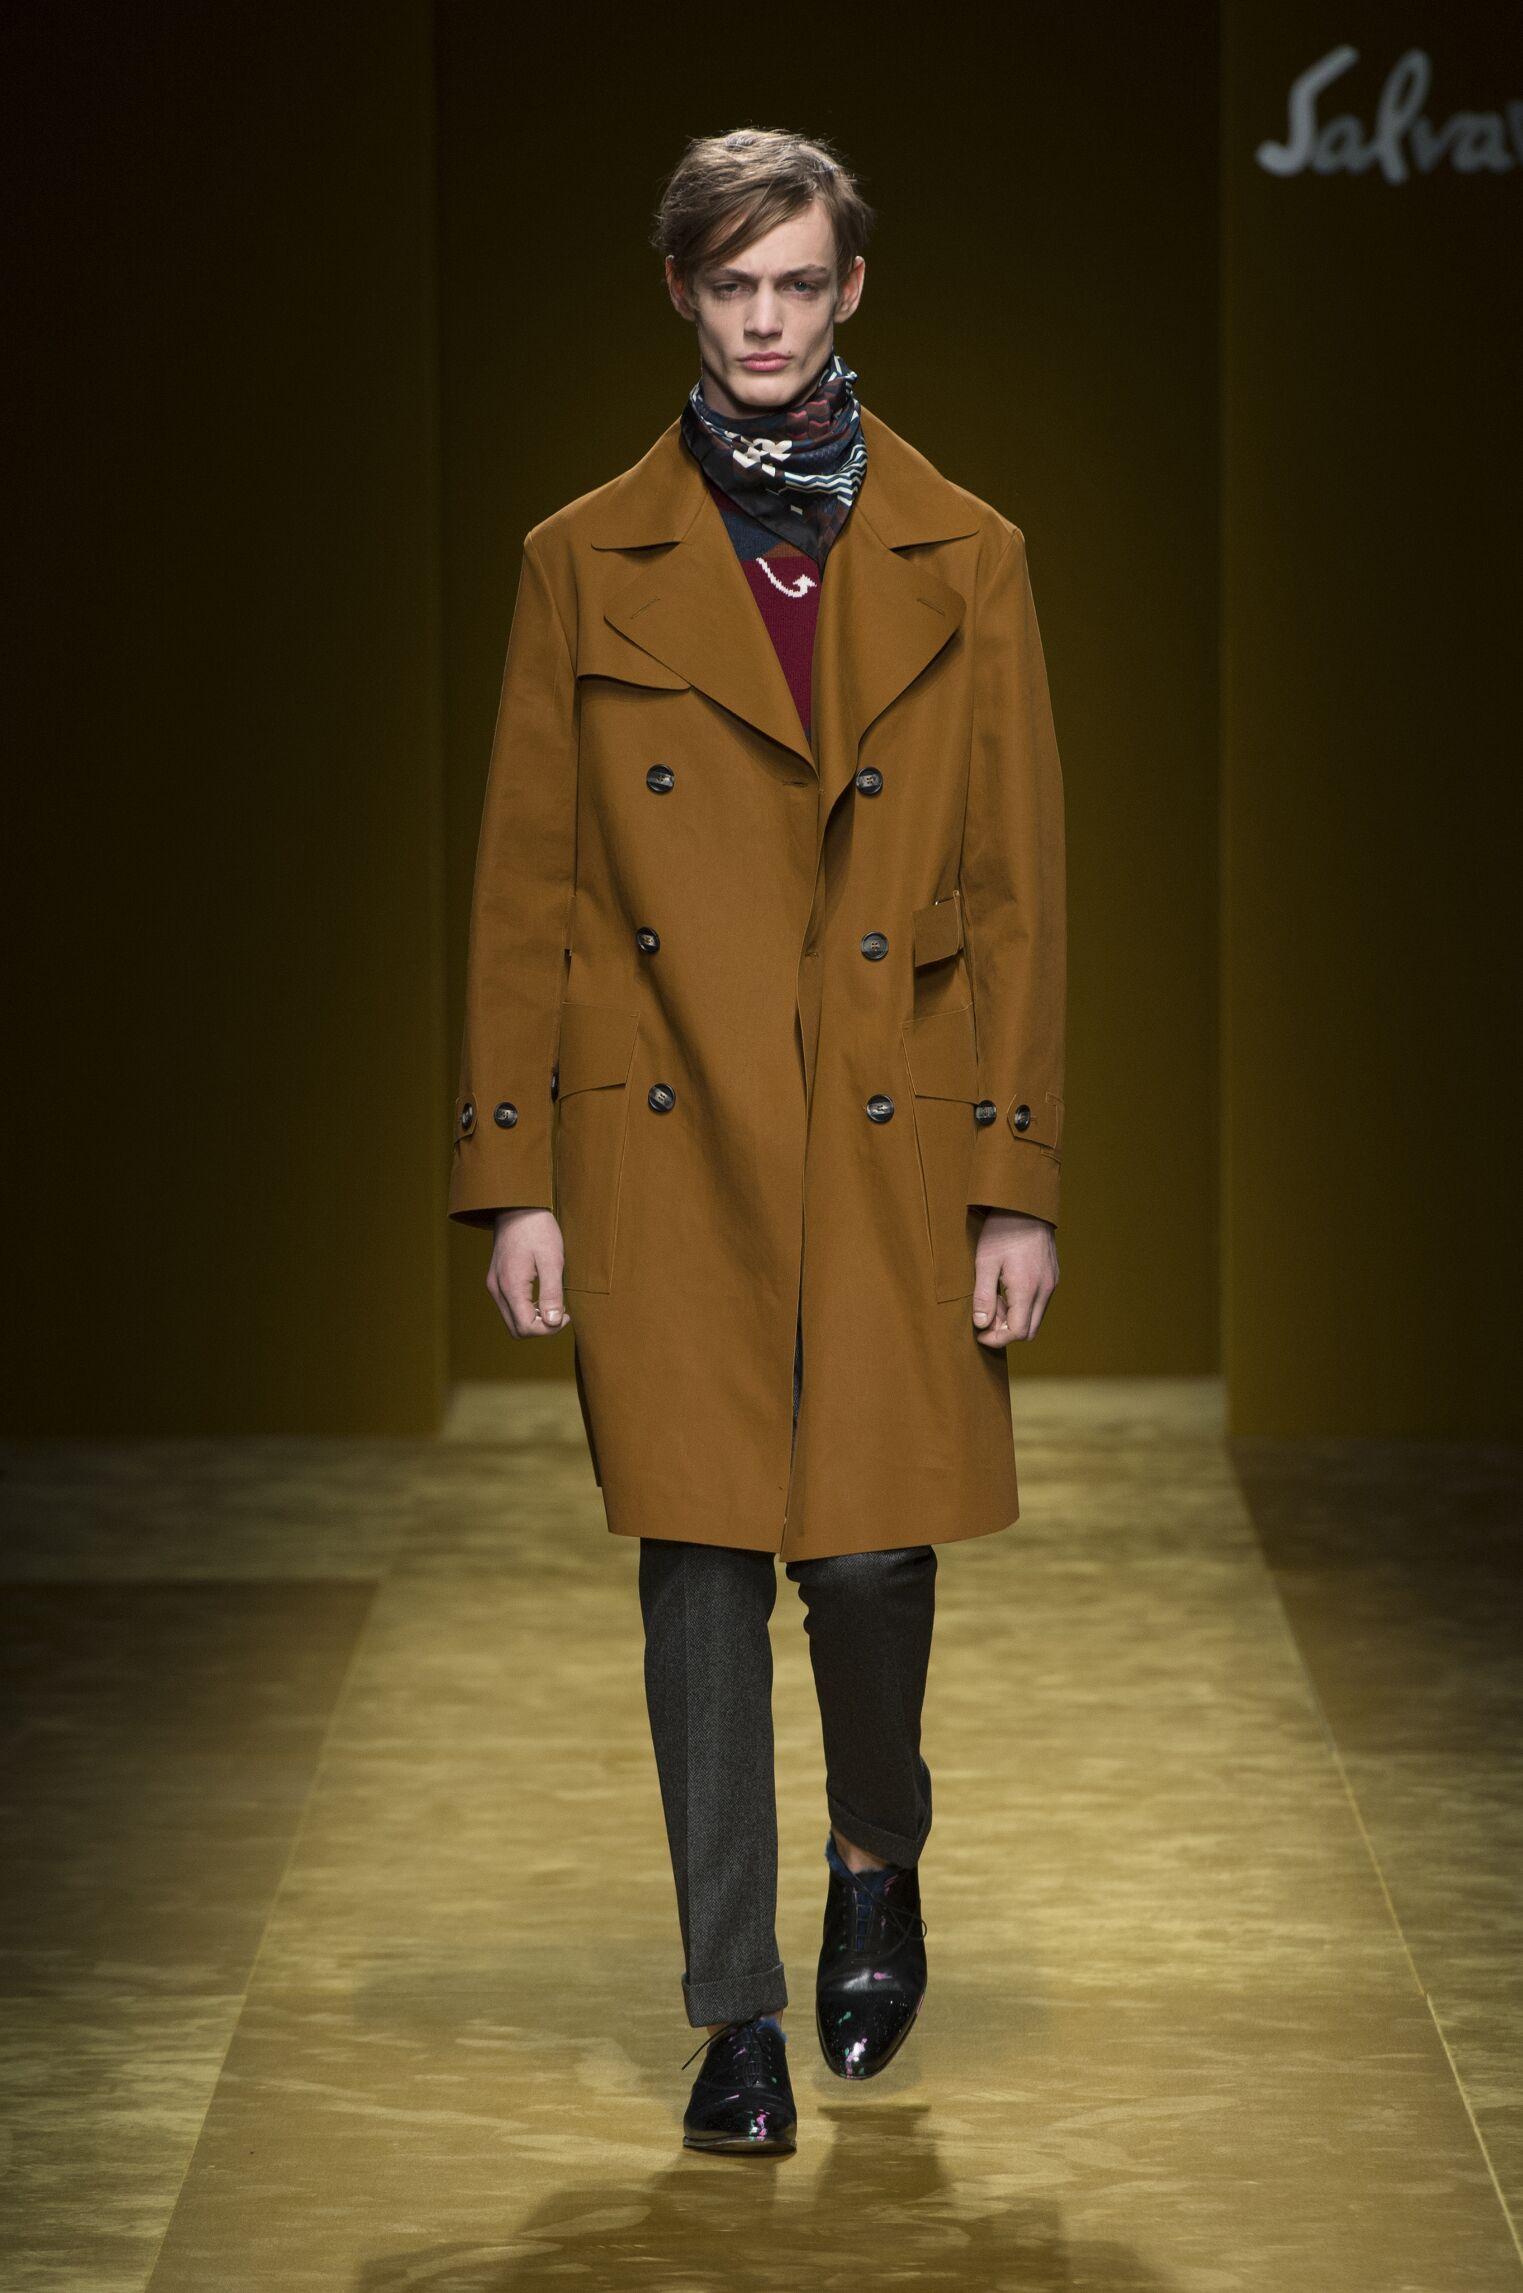 Fashion Model Salvatore Ferragamo Catwalk